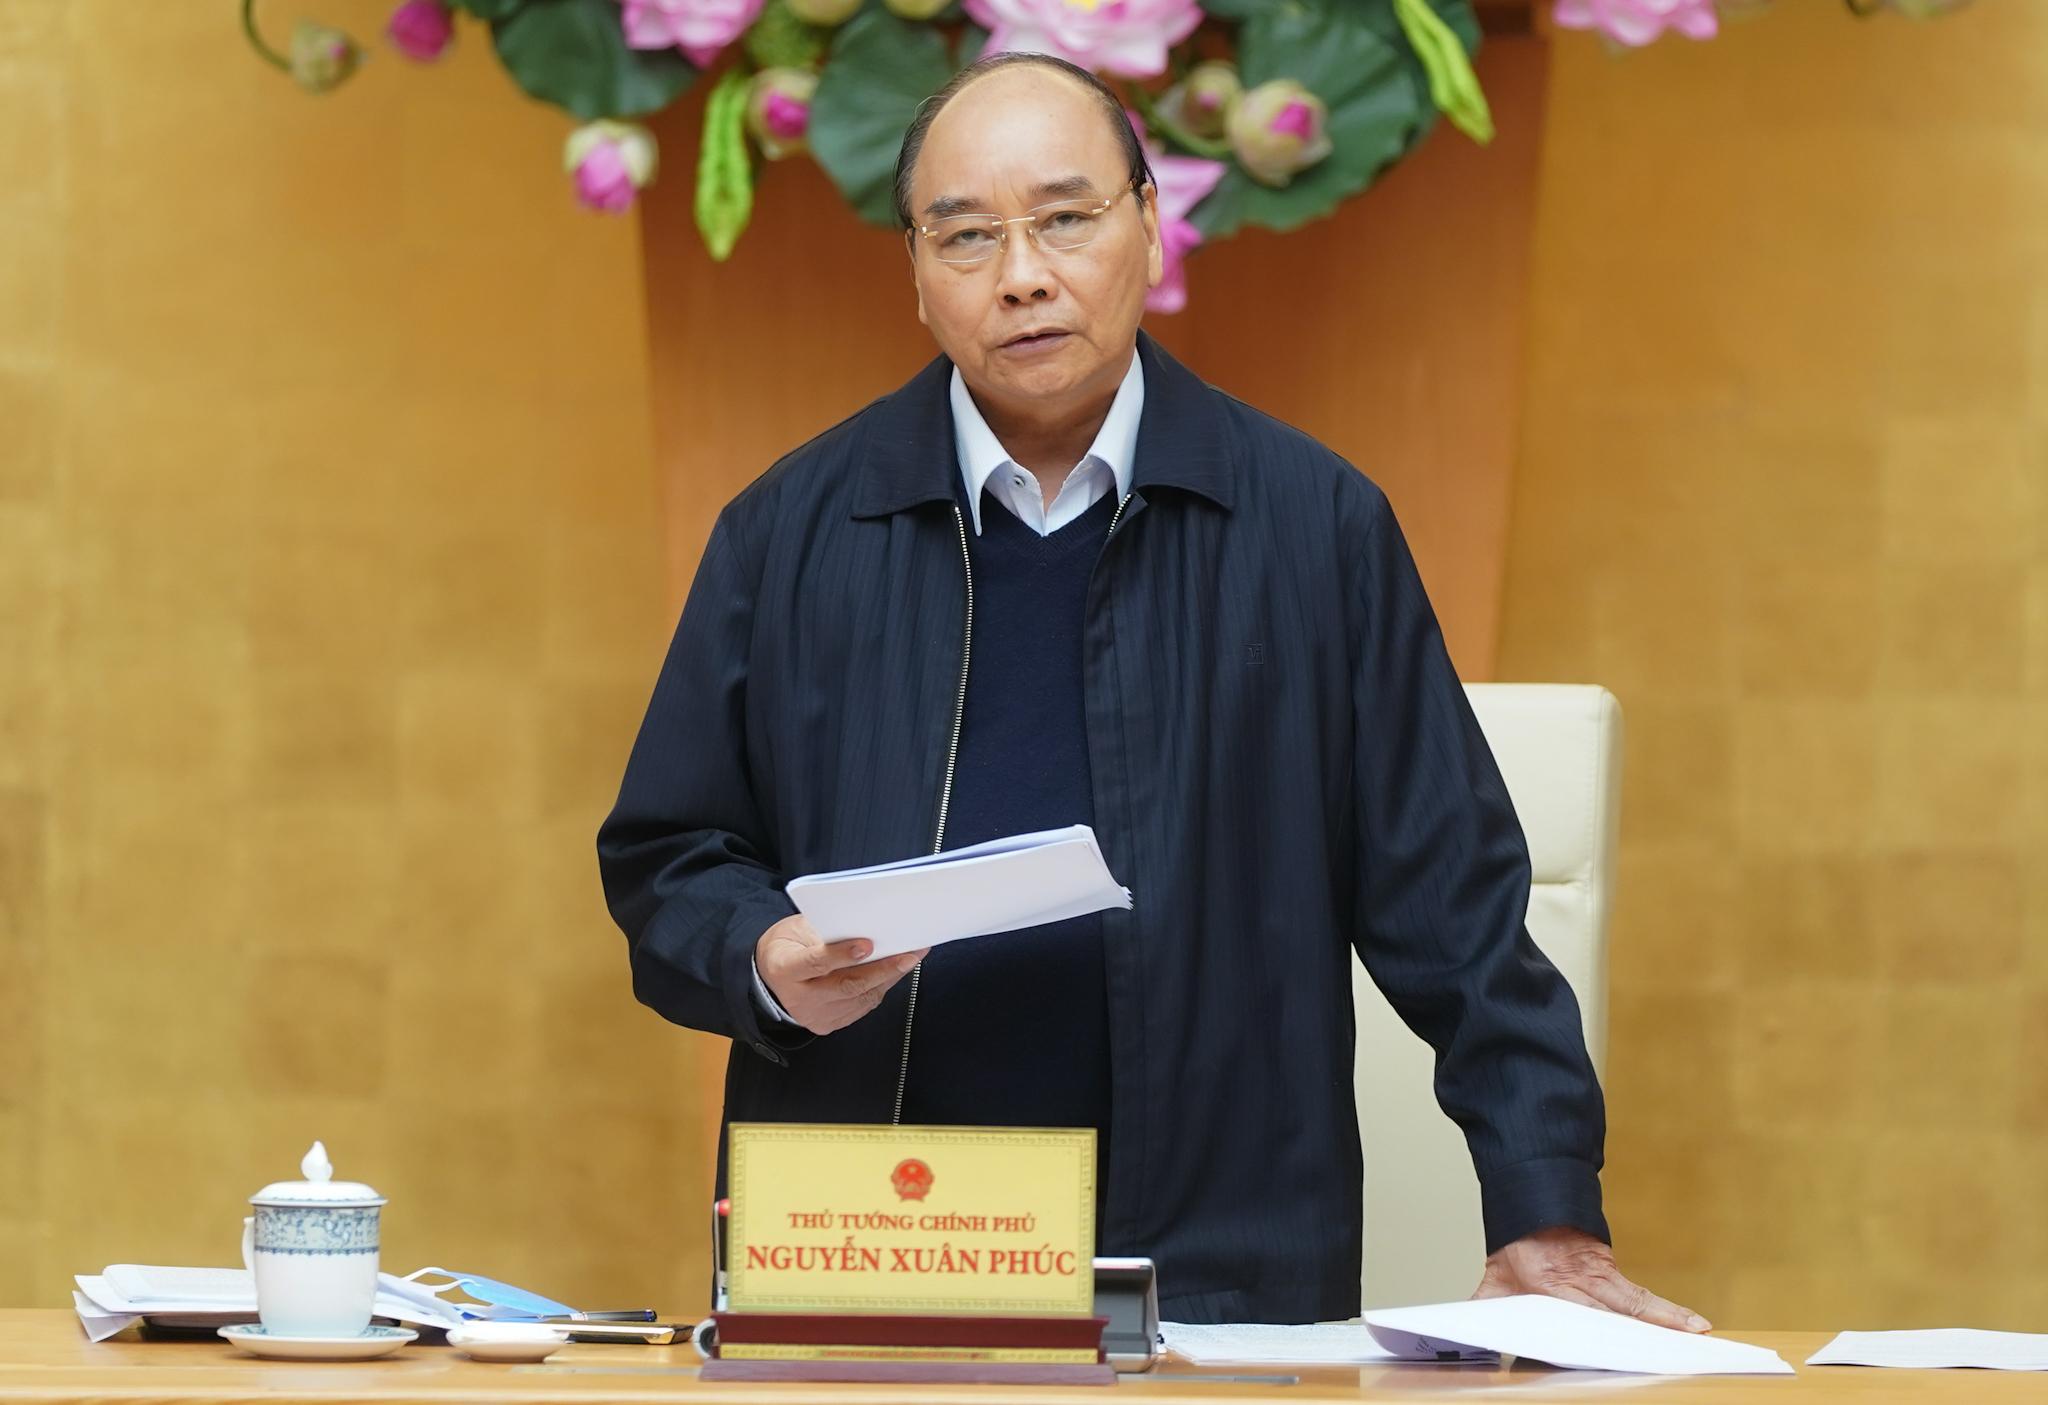 Thủ tướng Nguyễn Xuân Phúc yêu cầu việc chi trả hỗ trợ phải thuận lợi cho người lao động, người gặp khó khăn. Ảnh: VGP/Quang Hiếu